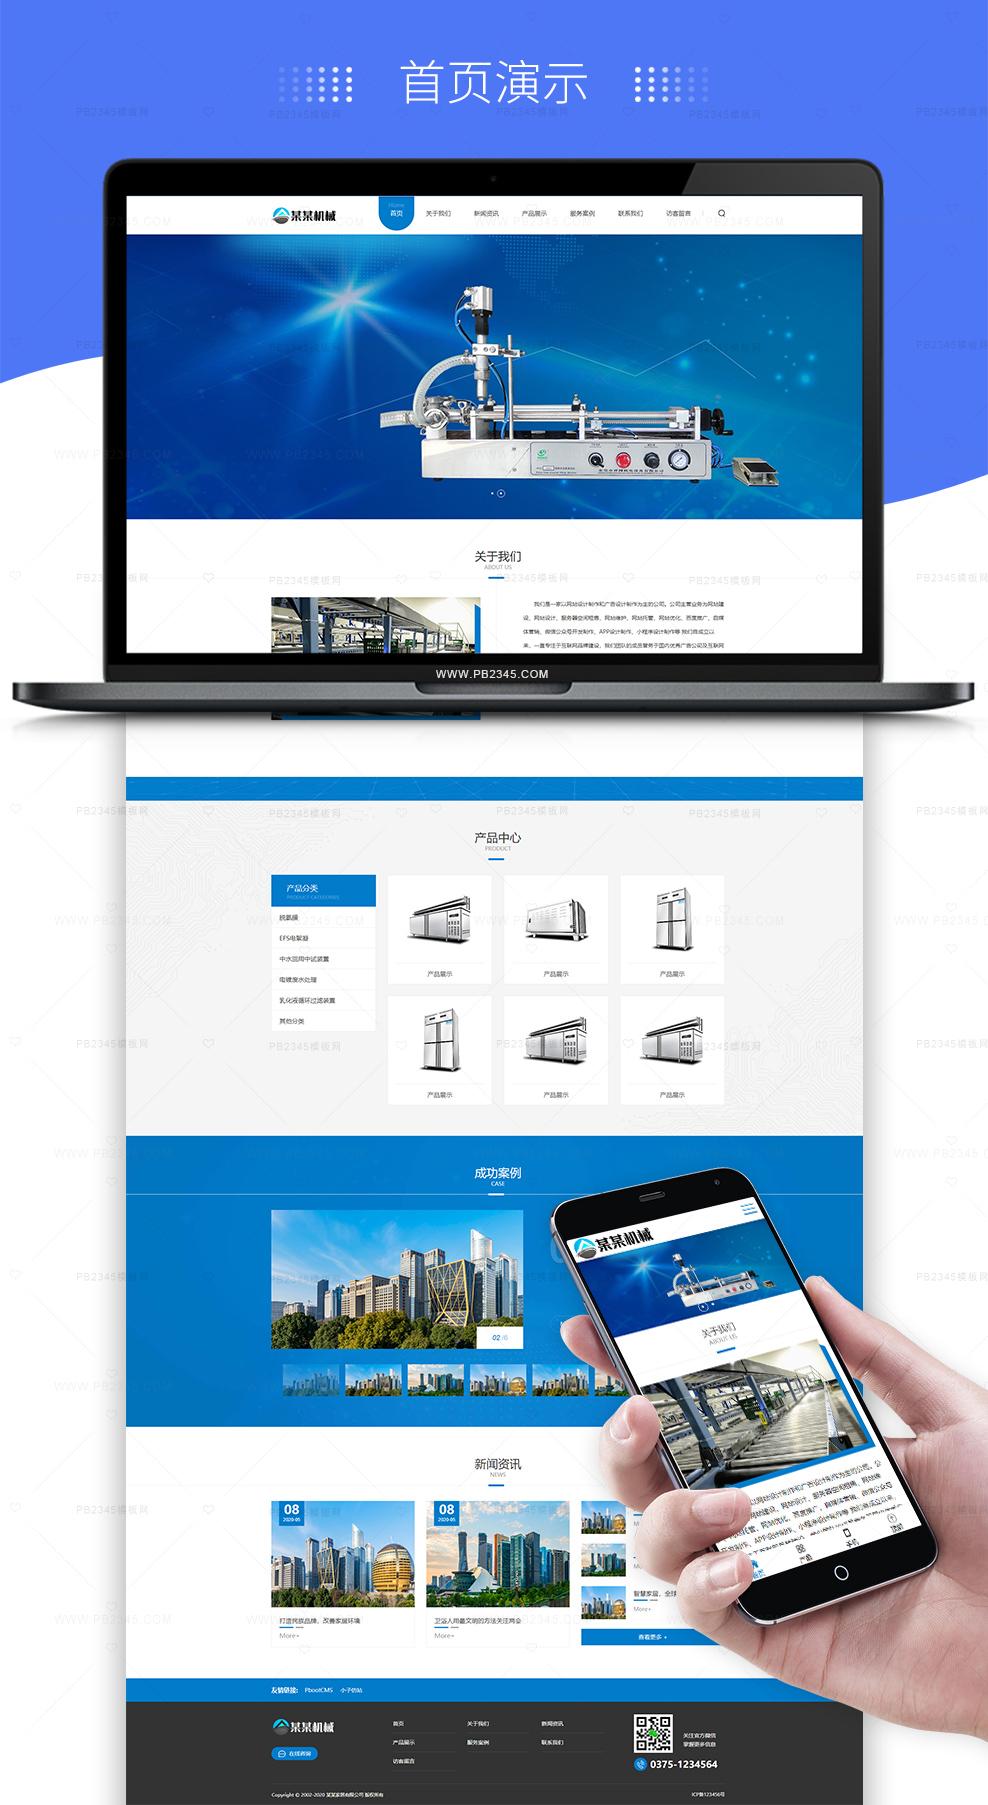 pbootcms蓝色五金机械设备通用网站源码模板带手机端